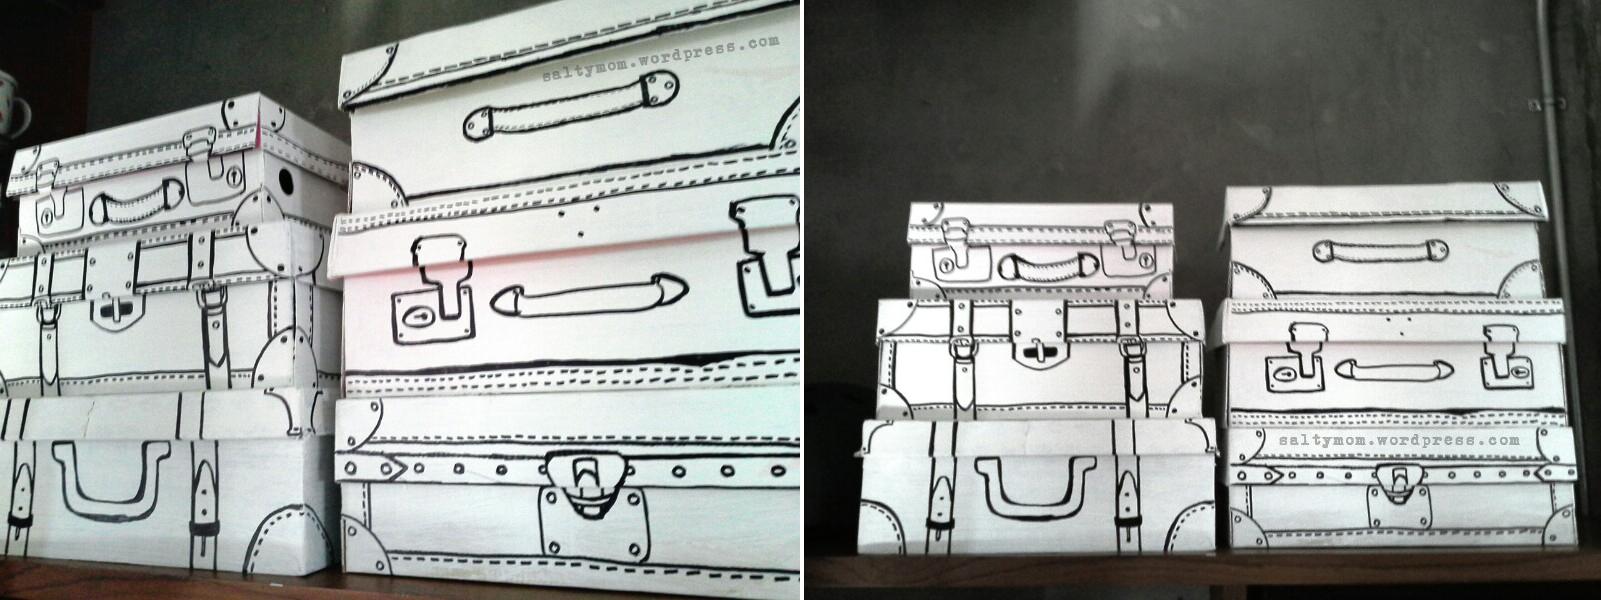 DIY Sharpie storage boxes